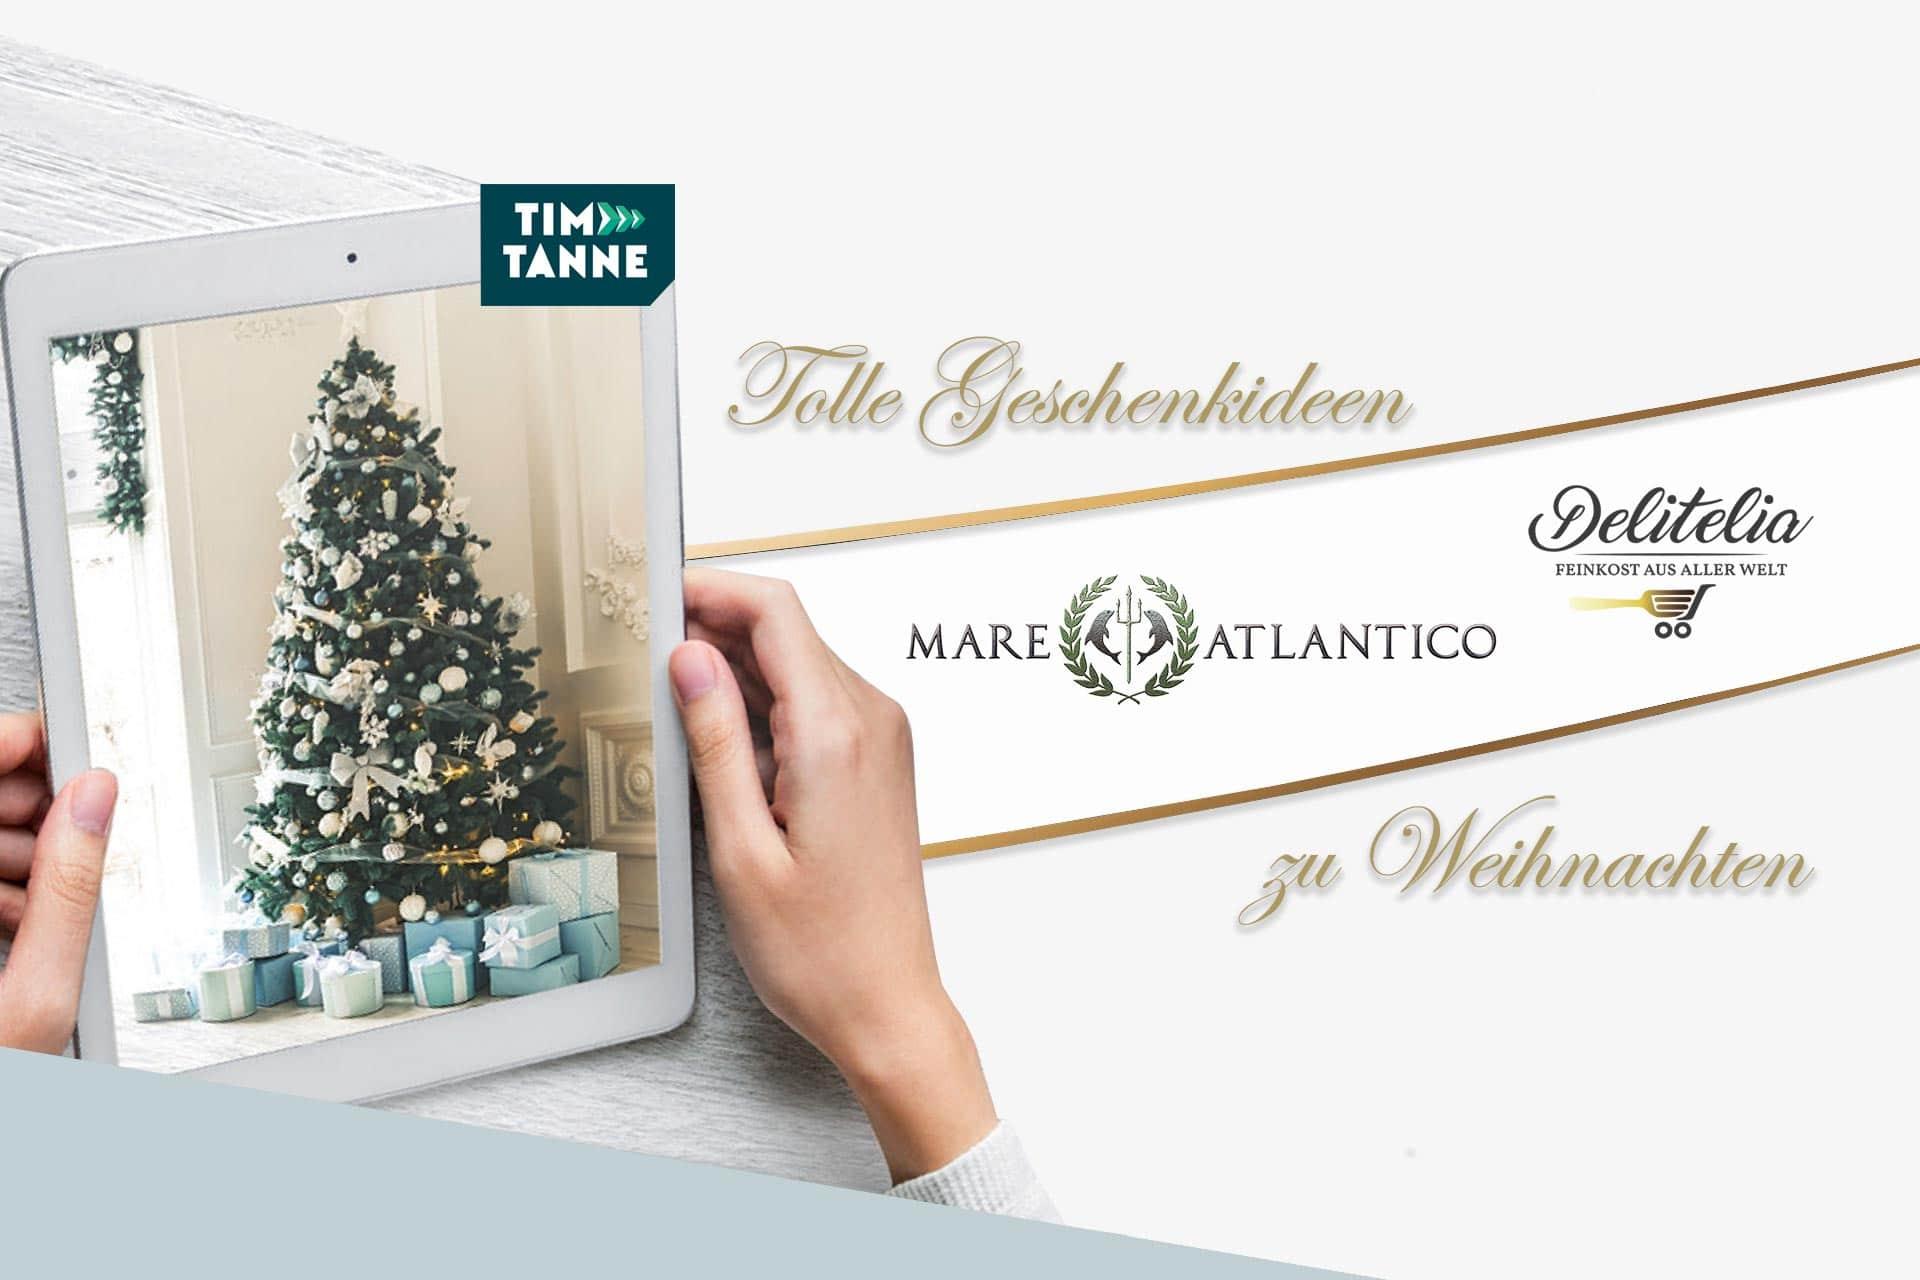 Weihnachtsvorfreude mit Weihnachtsaktionen bei Delitelia & Mare Atlantico